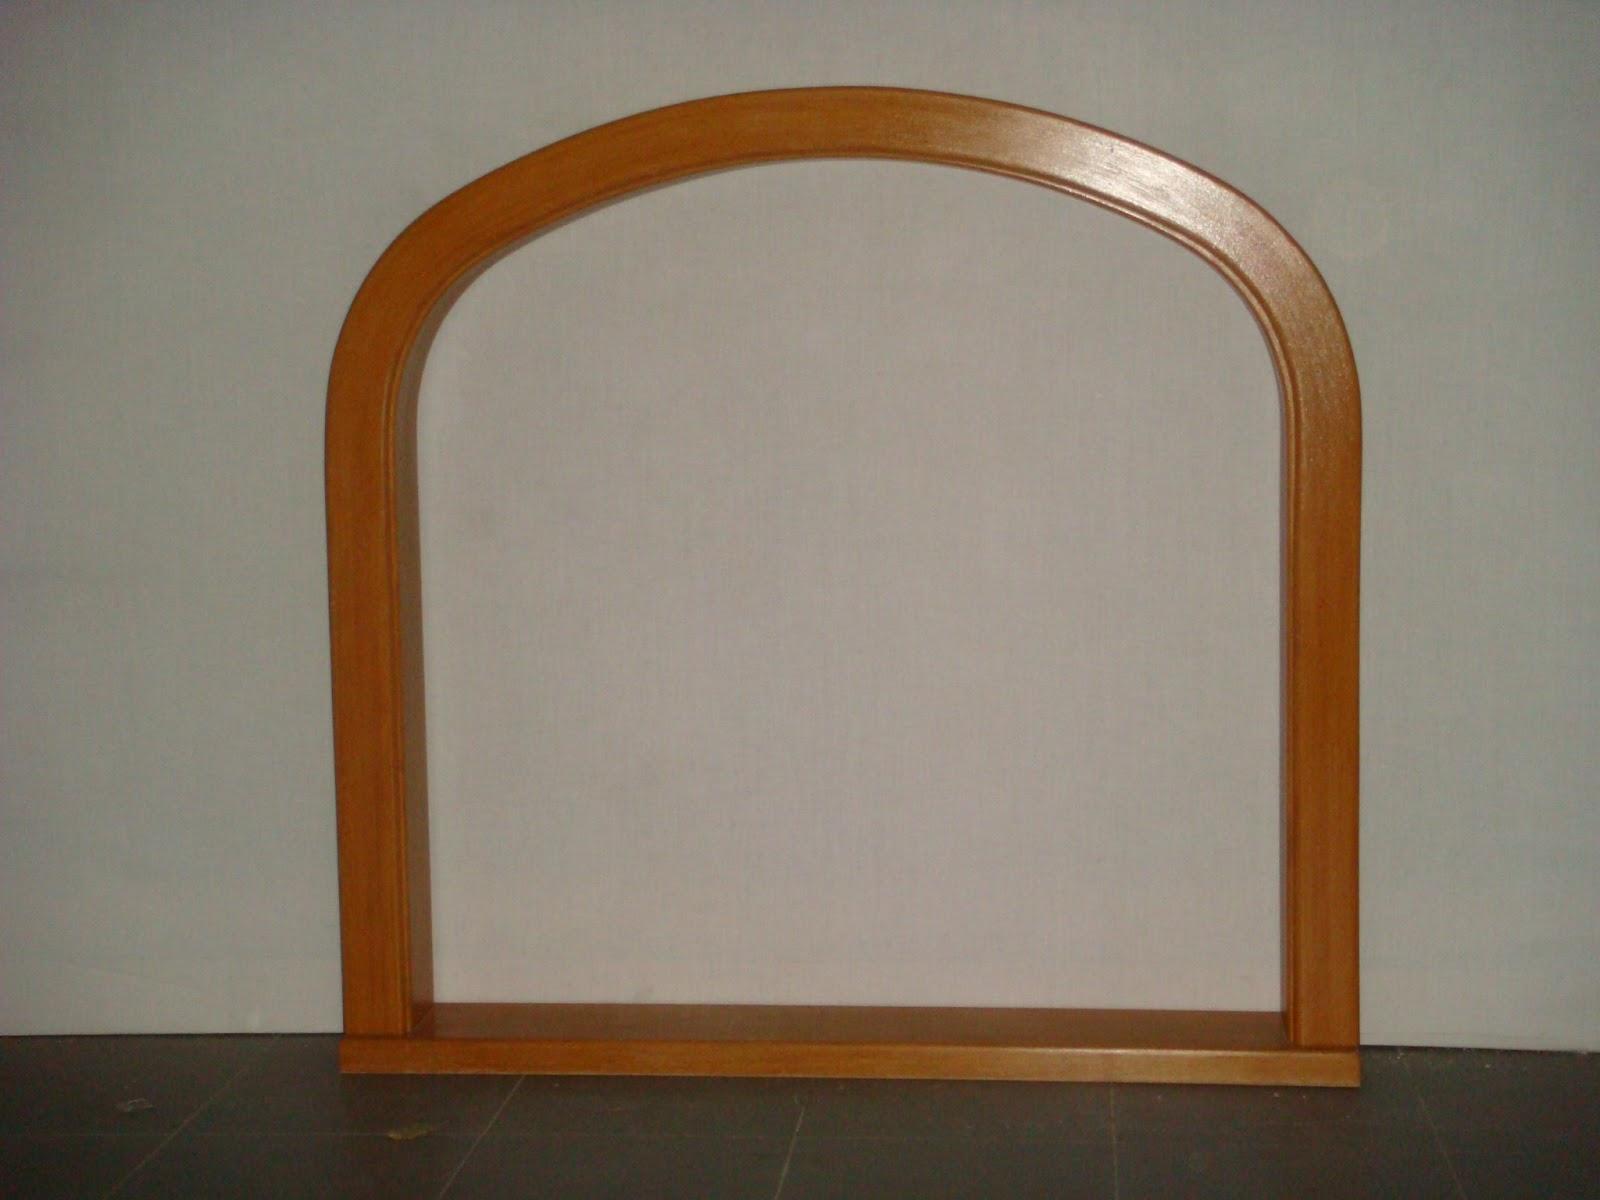 #743F13 Janela inteira em madeira maciça composta por aduela e guarnição de  1372 Preços De Janelas De Madeira Em Volta Redonda